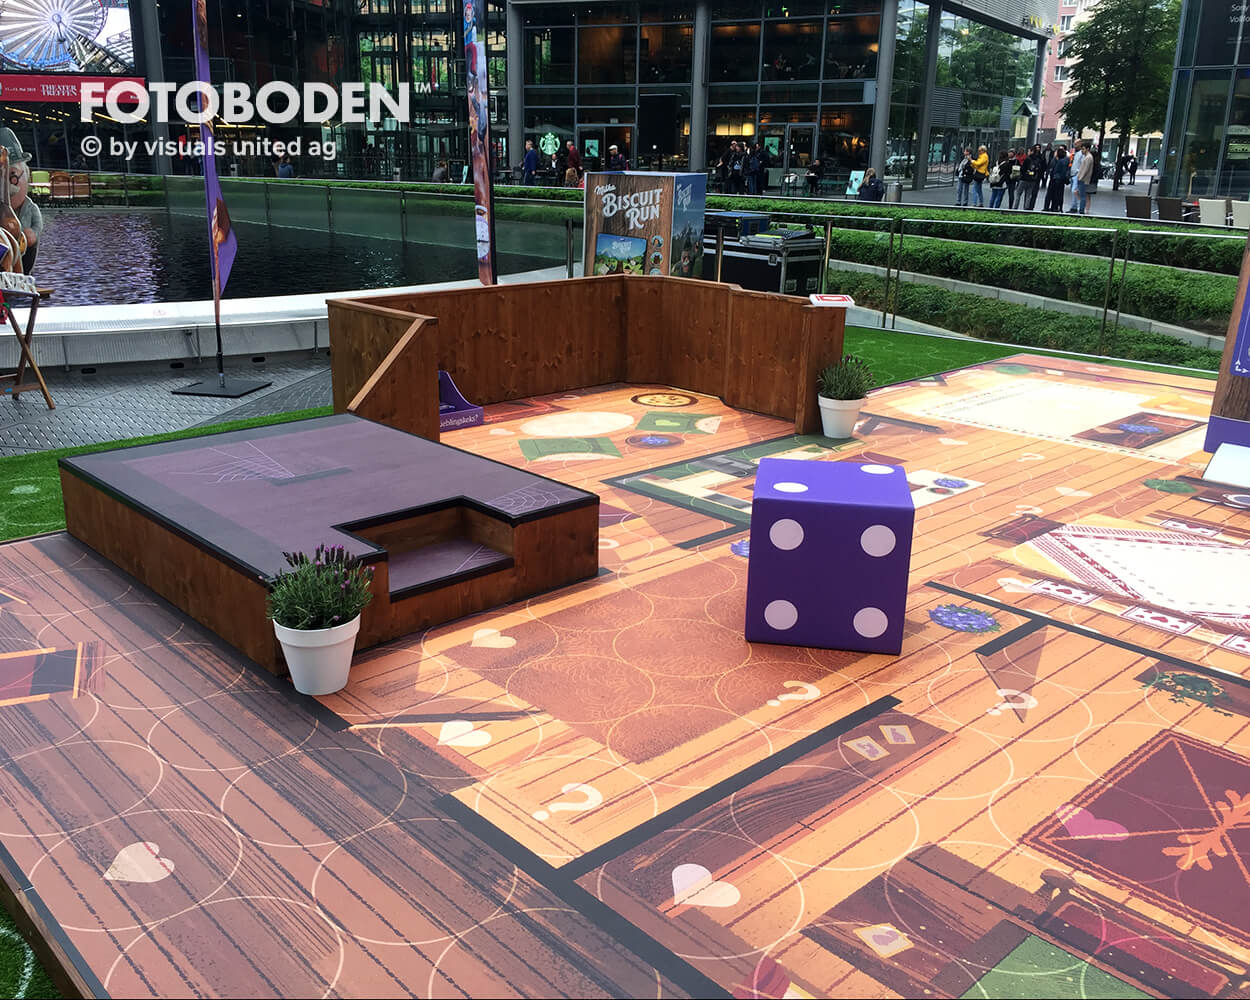 Ladenbau Outdoor Kinderspielplatz Fotoboden